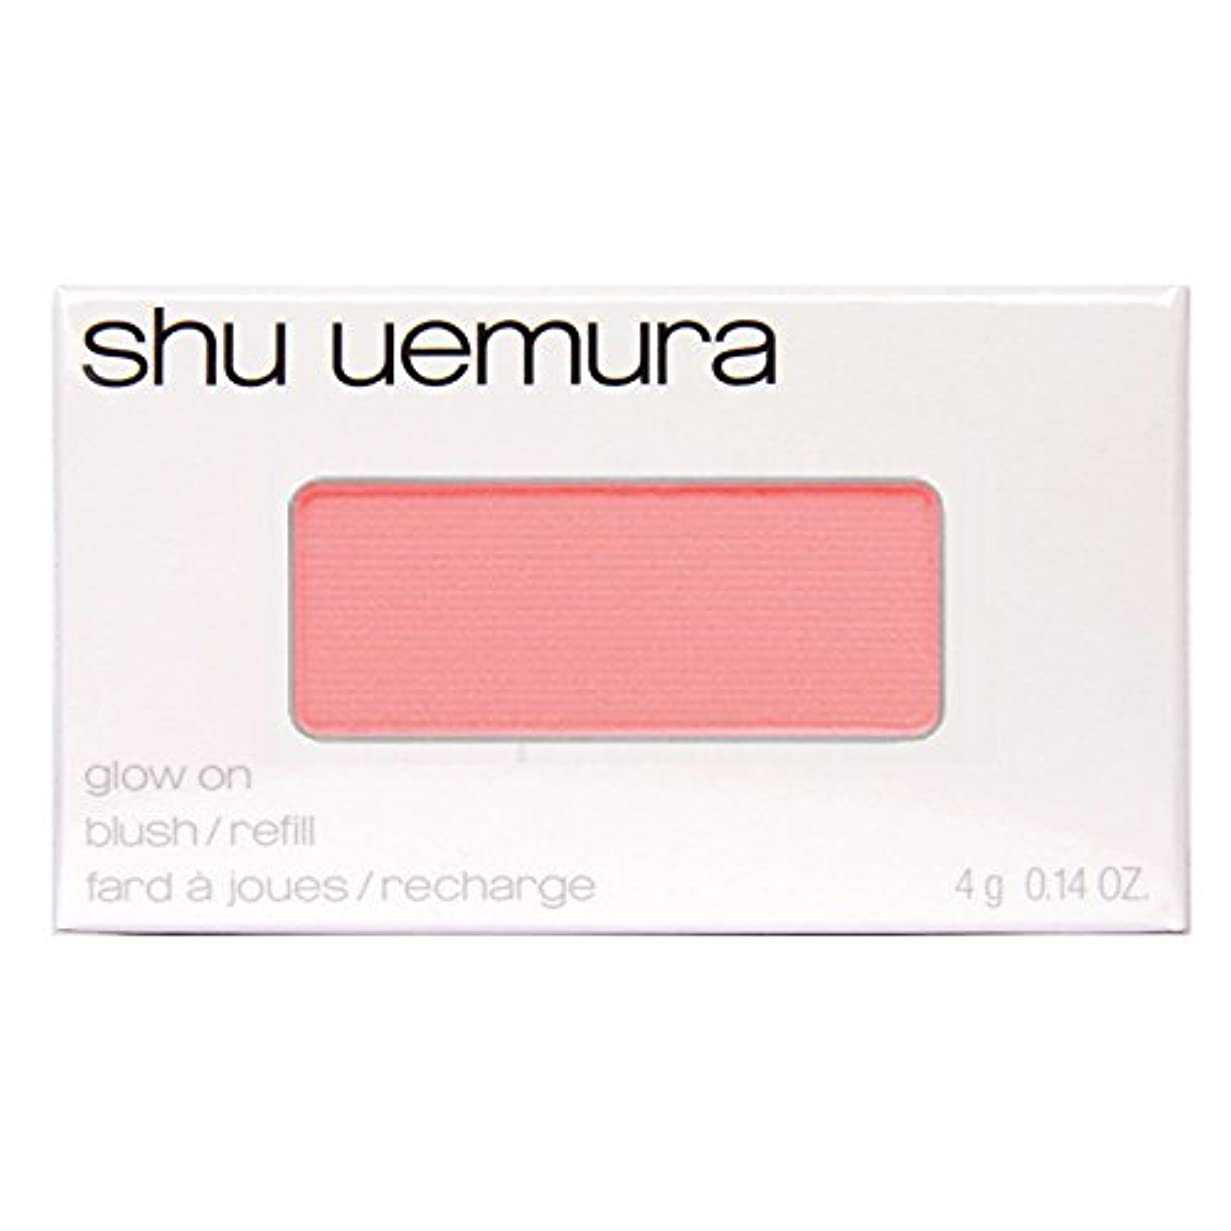 豊富余韻意味shu uemura シュウ ウエムラ<br>グローオン<br>ブラッシュ<br>レフィル<br>#M<br>ソフト コーラル<br>345 [並行輸入品]